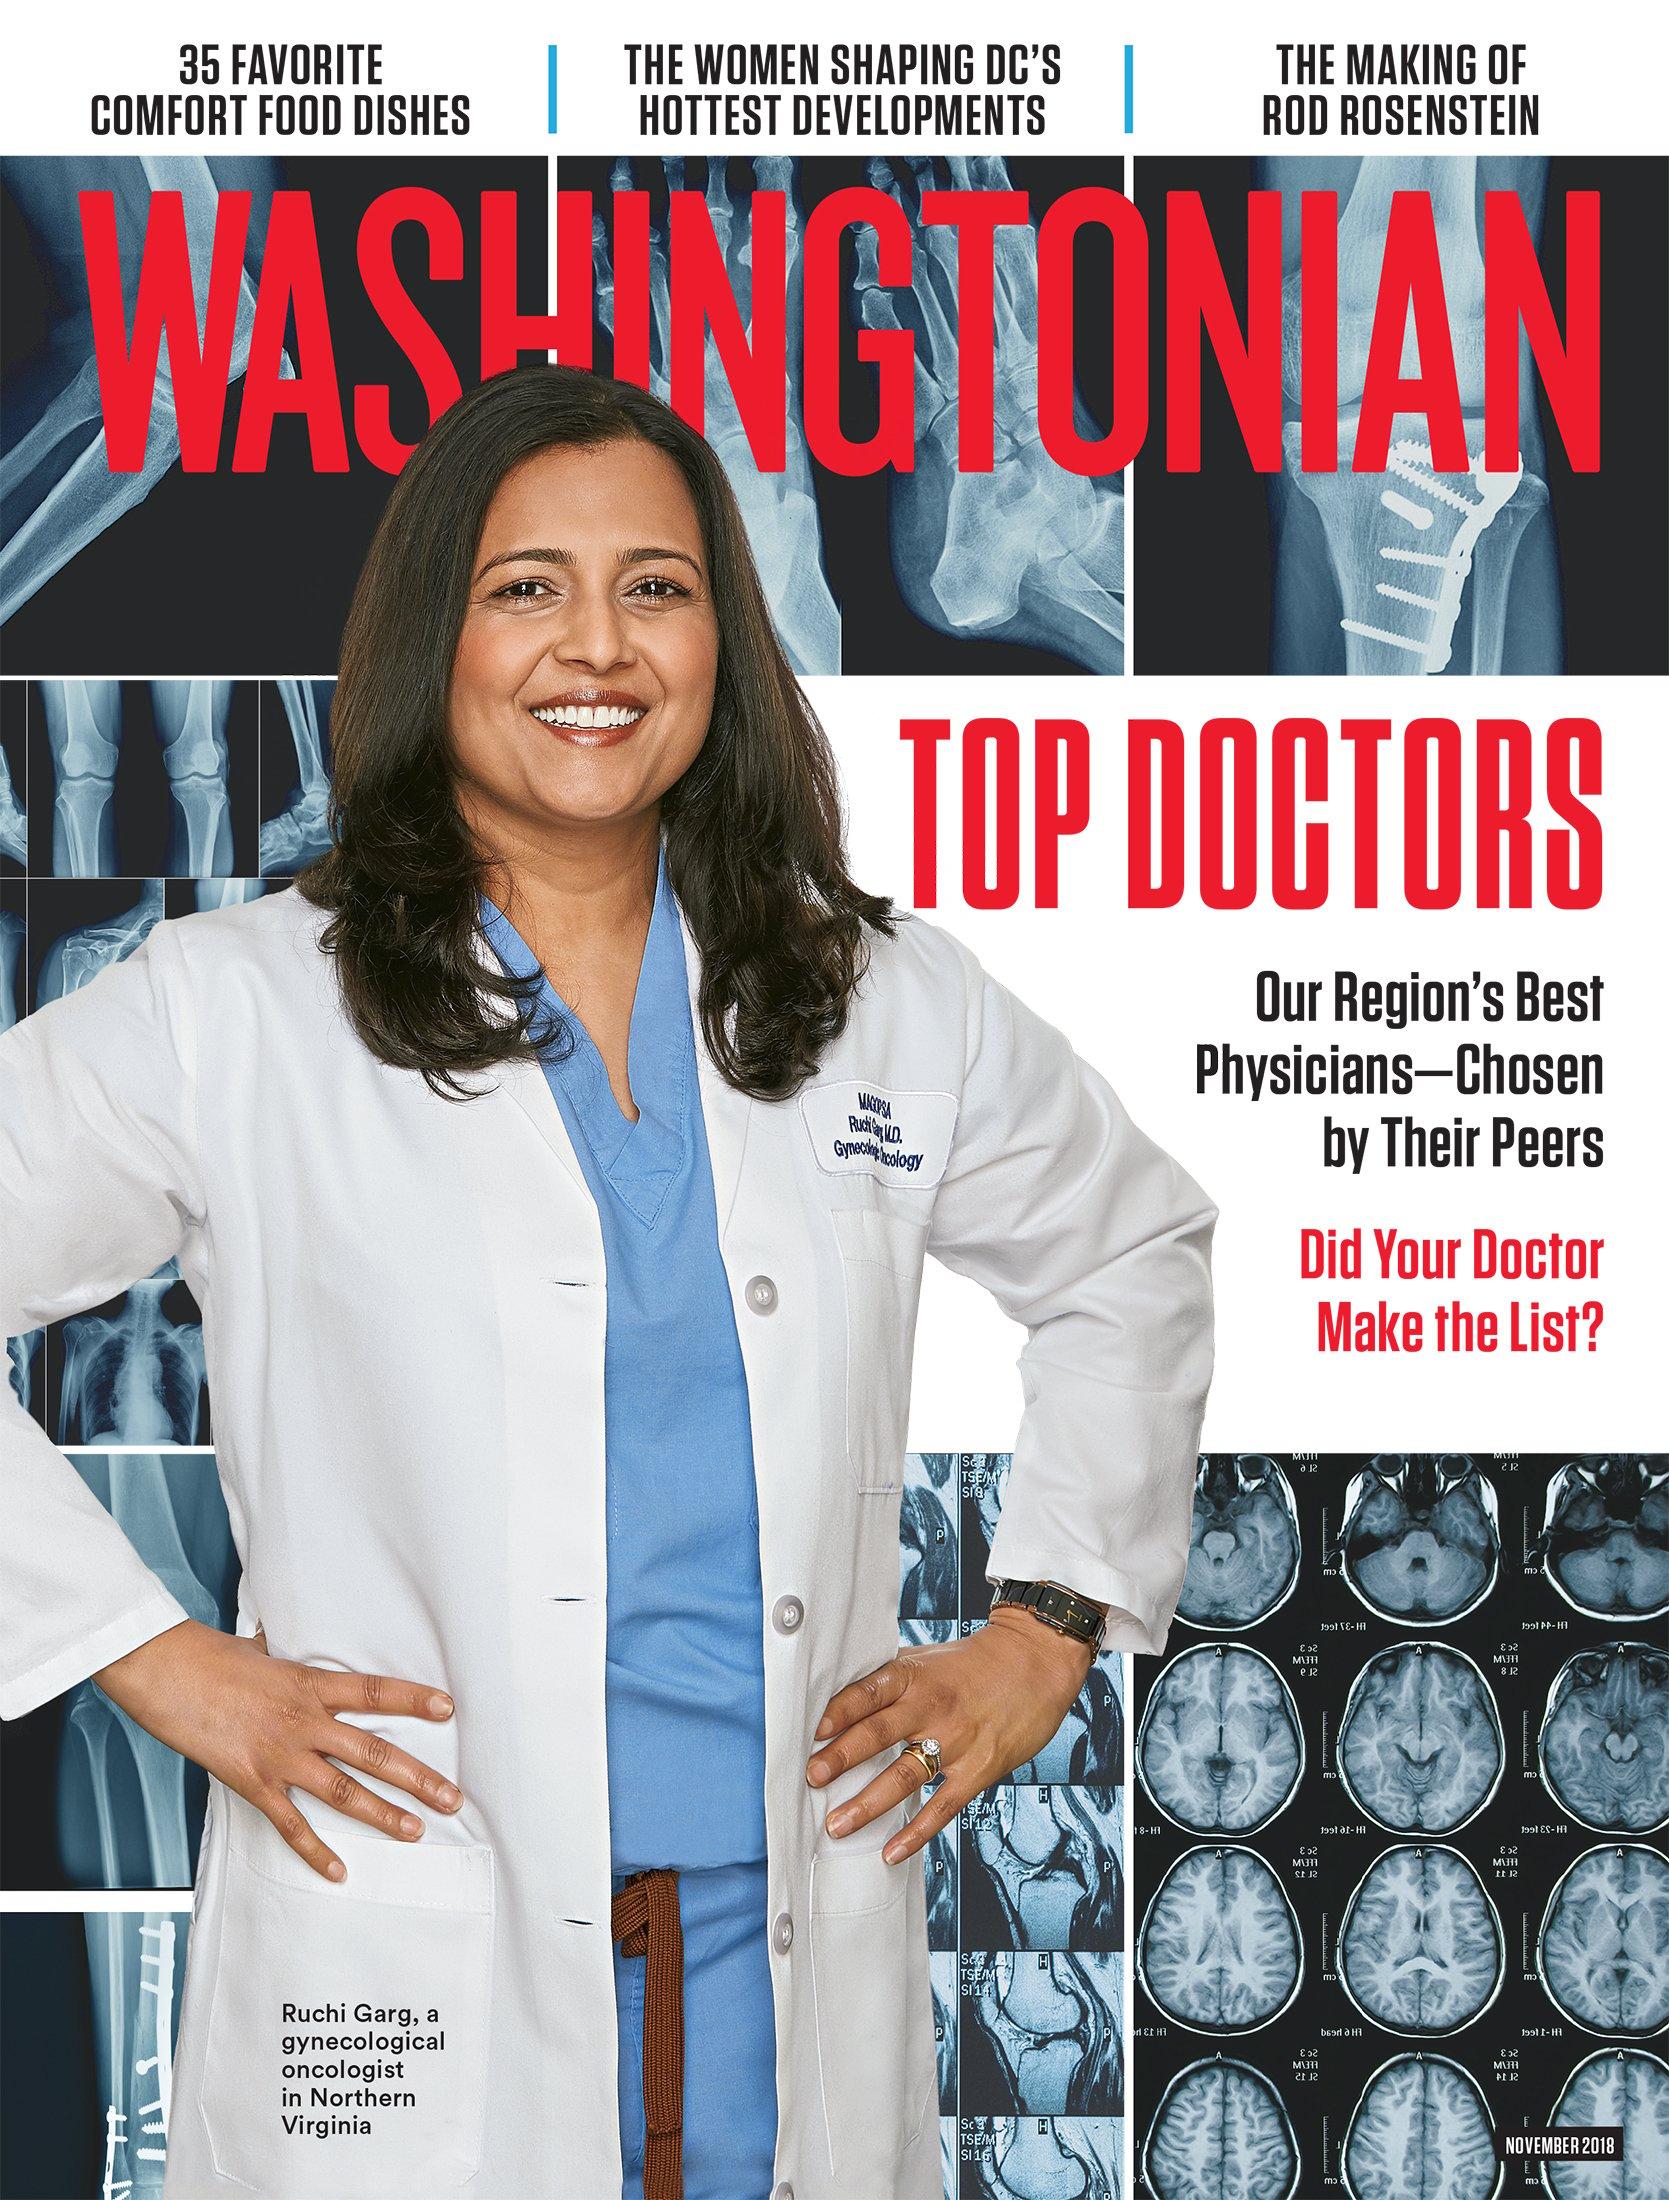 November 2018: Top Doctors